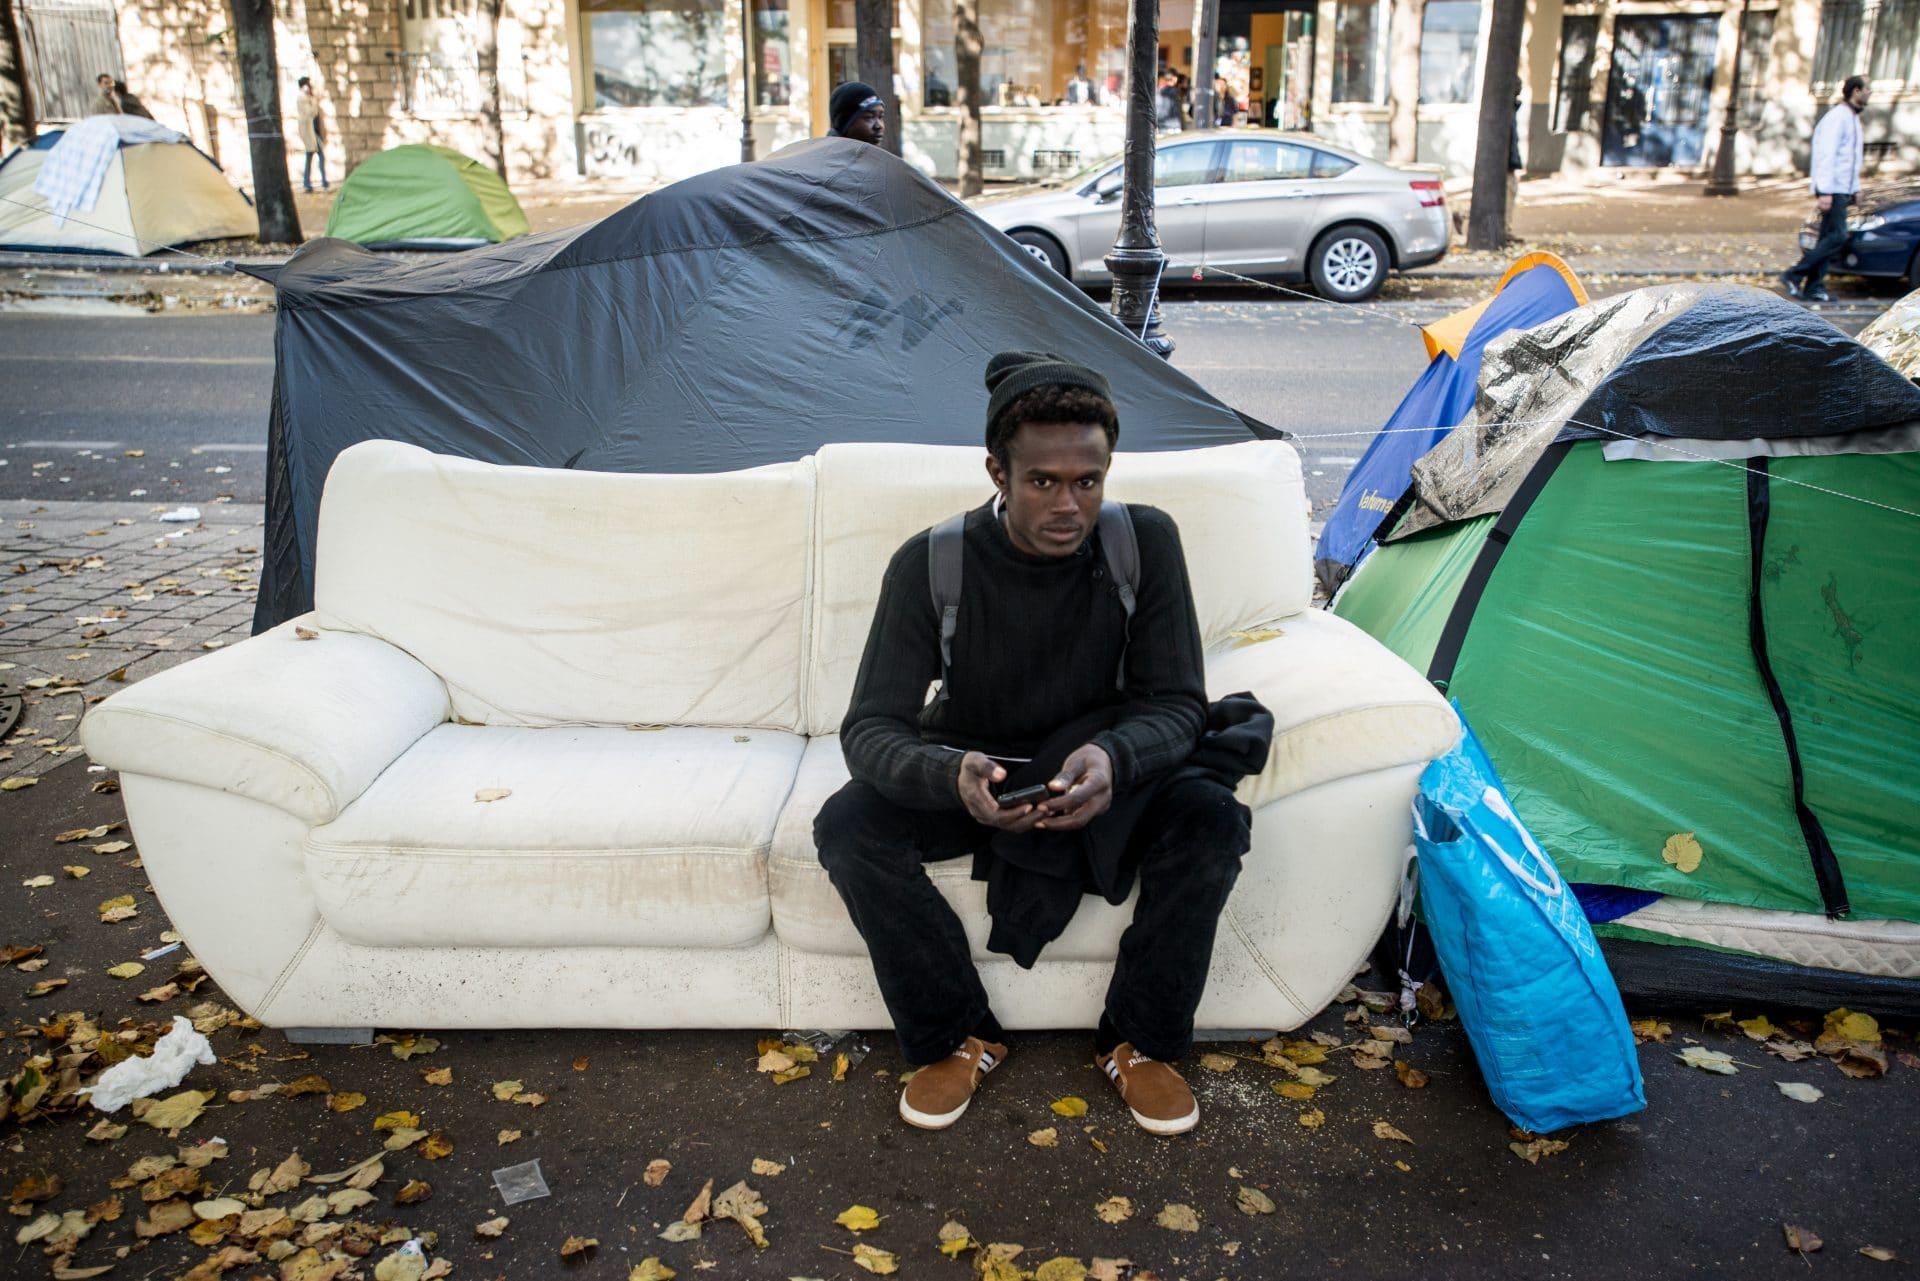 Dl sicurezza: permessi di soggiorno, protezione umanitaria | Cosa cambia